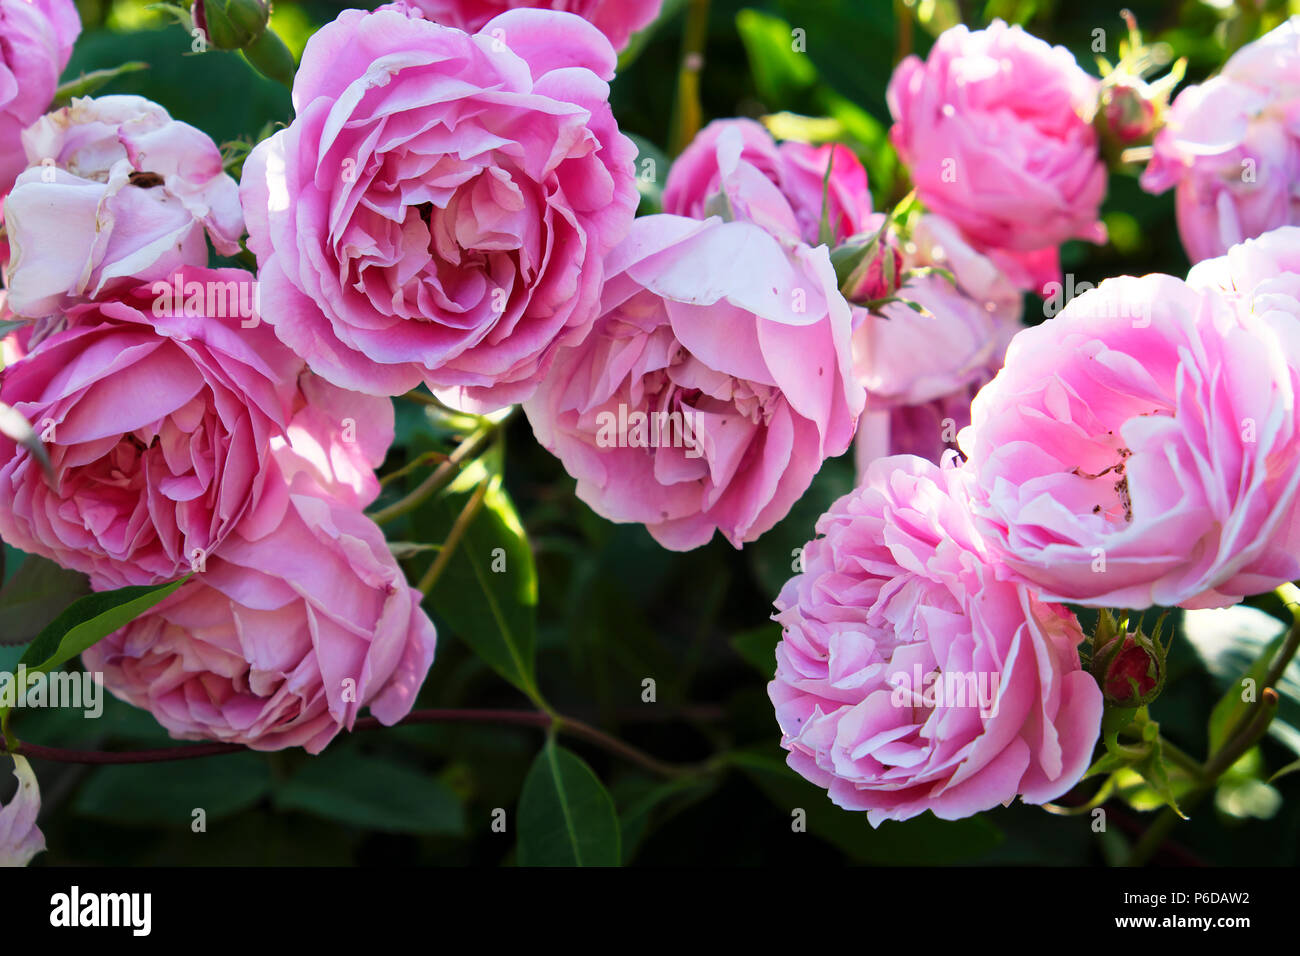 Roses roses en fleurs dans un jardin de campagne, dans un jardin de l'ouest du pays de Galles Camarthenshire Dyfed Pays de Galles, UK KATHY DEWITT Photo Stock